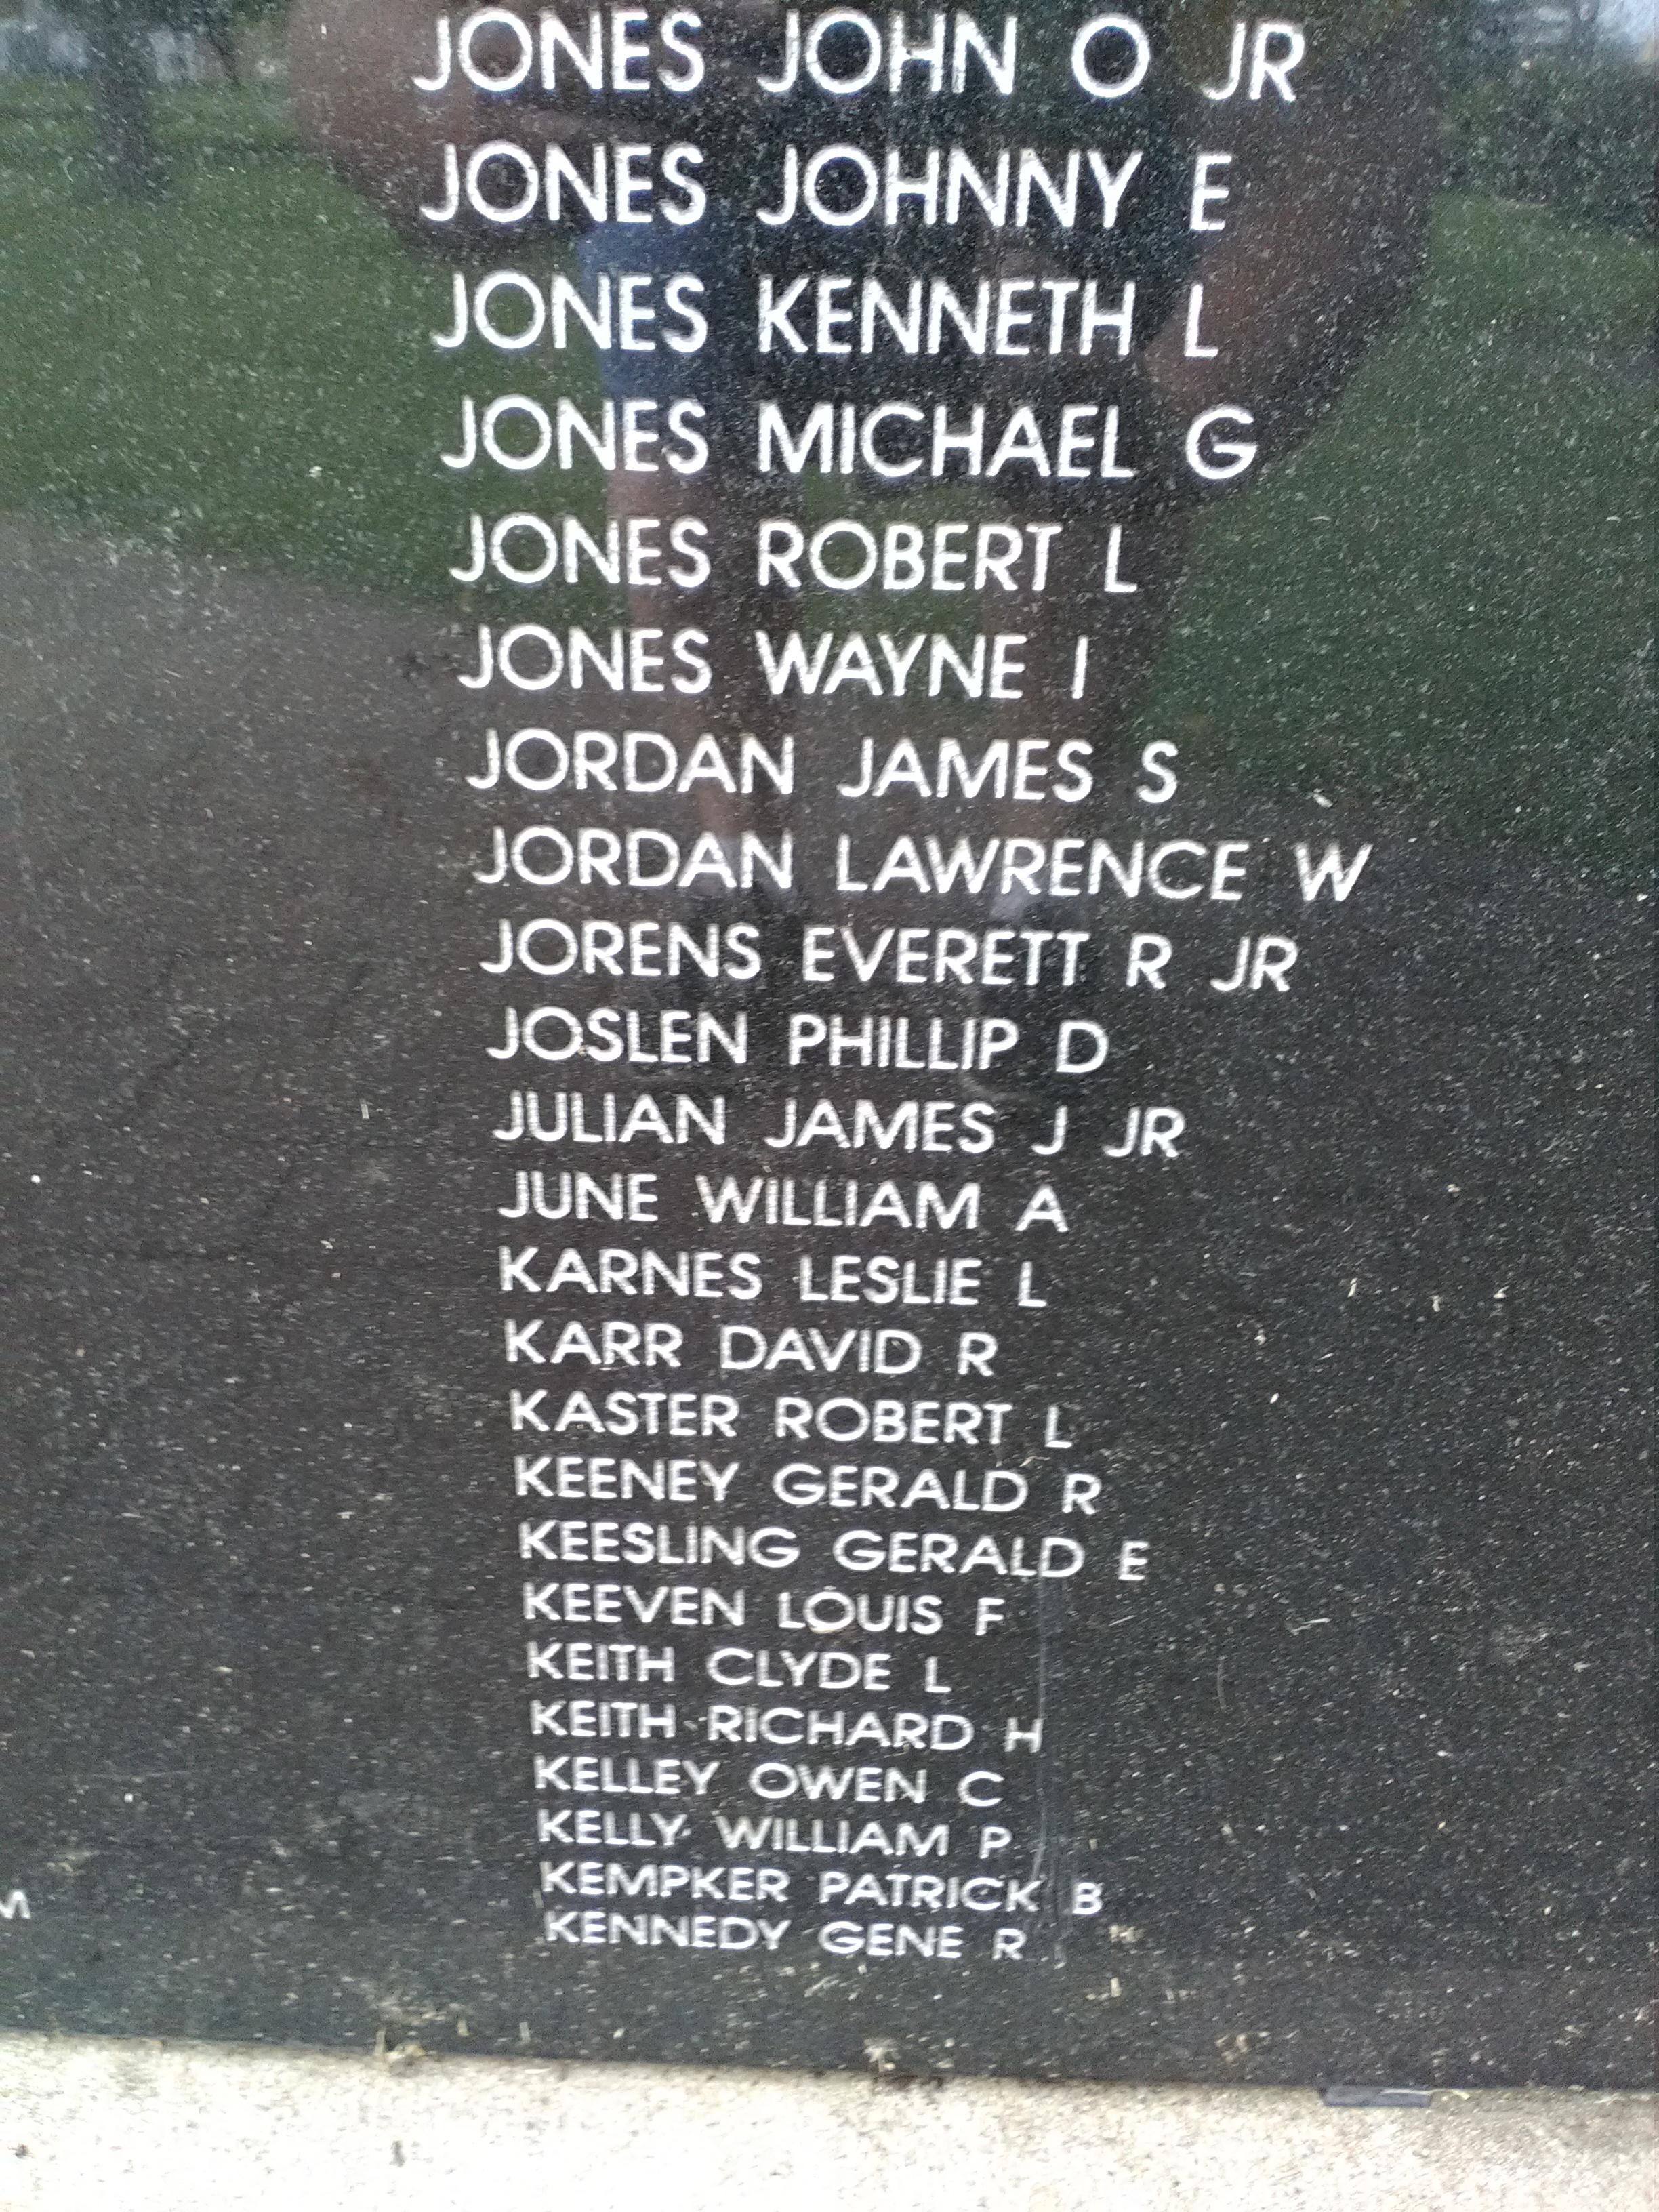 Phillip D. Joslen was Carthage, Missouri's first soldier killed in the Vietnam War.